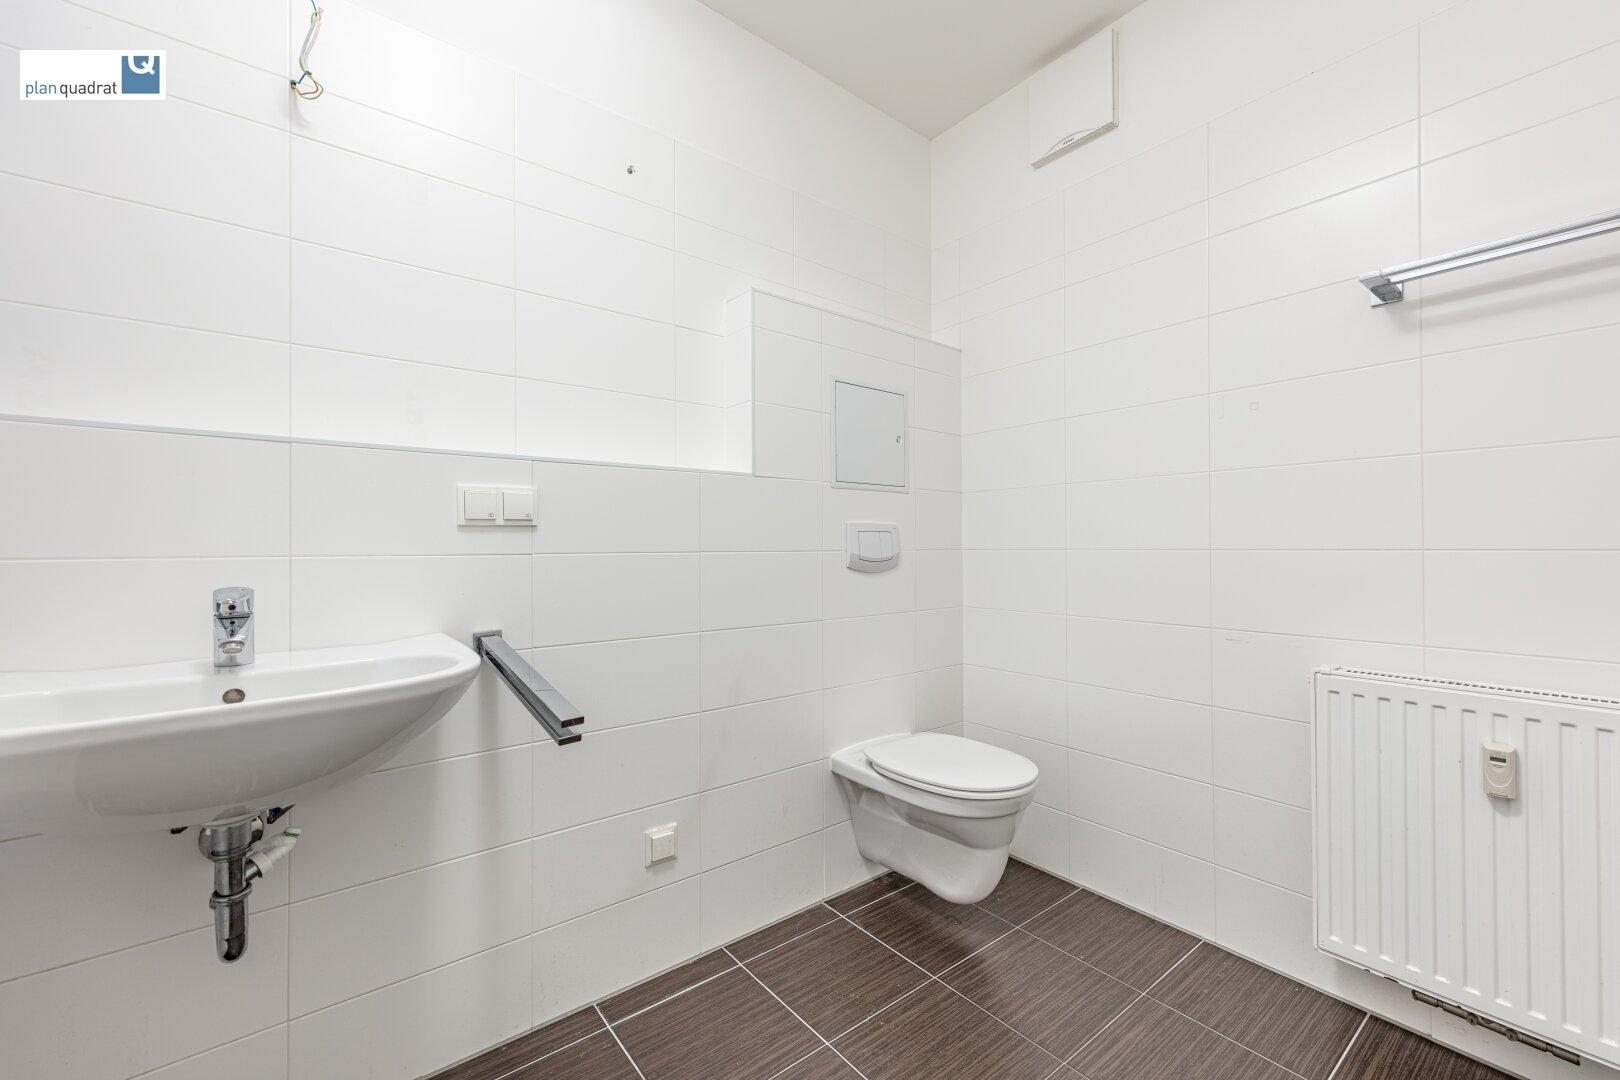 Badezimmer (ca. 5,70 m² / mit Waschbecken, Badewanne, Toilette und Wa-Ma-Anschluss)